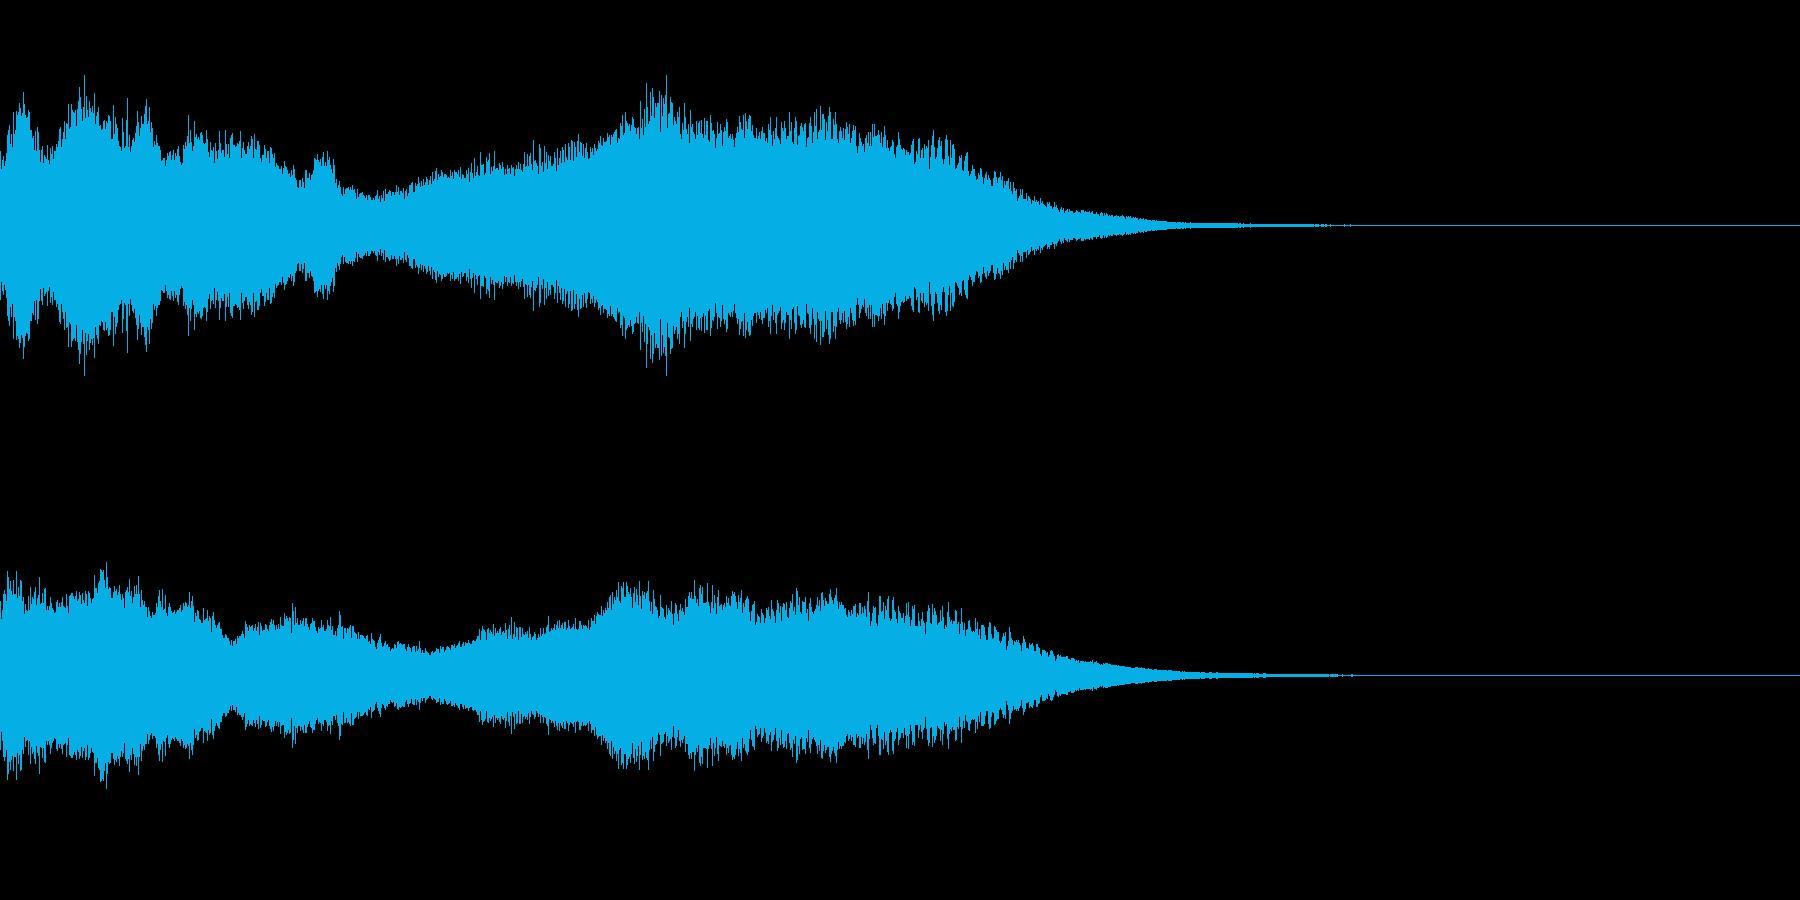 神社 結婚式の笛(笙)フレーズジングル1の再生済みの波形